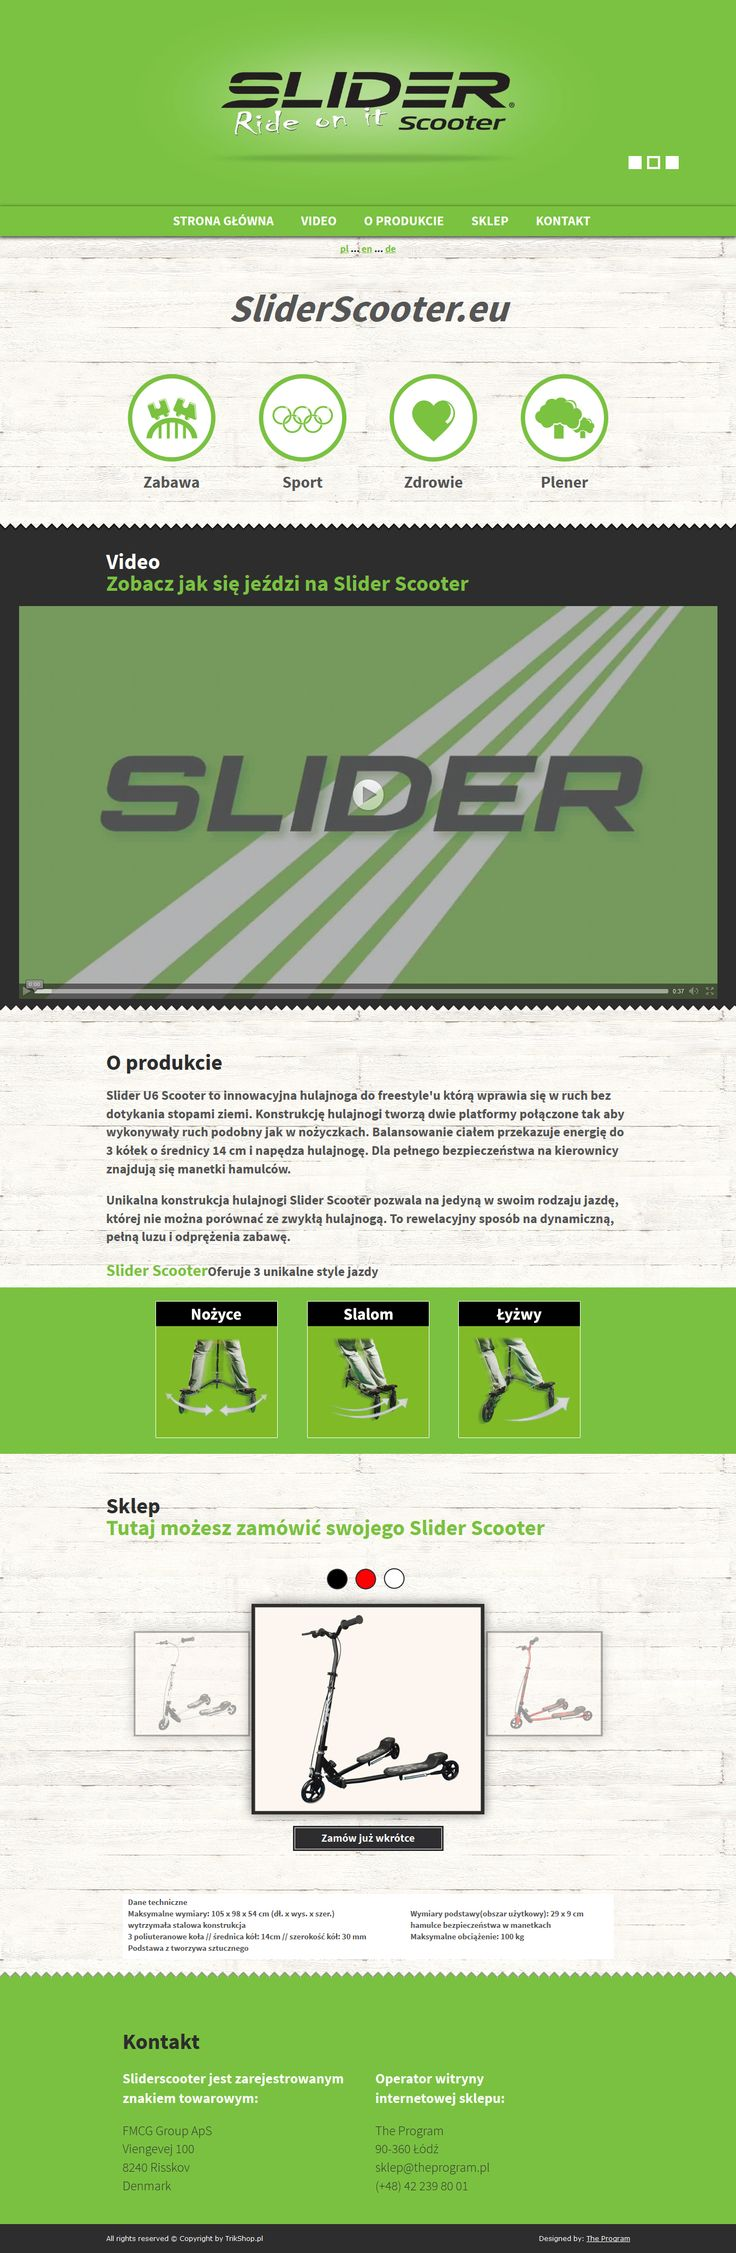 Sliderscooter http://sliderscooter.eu/